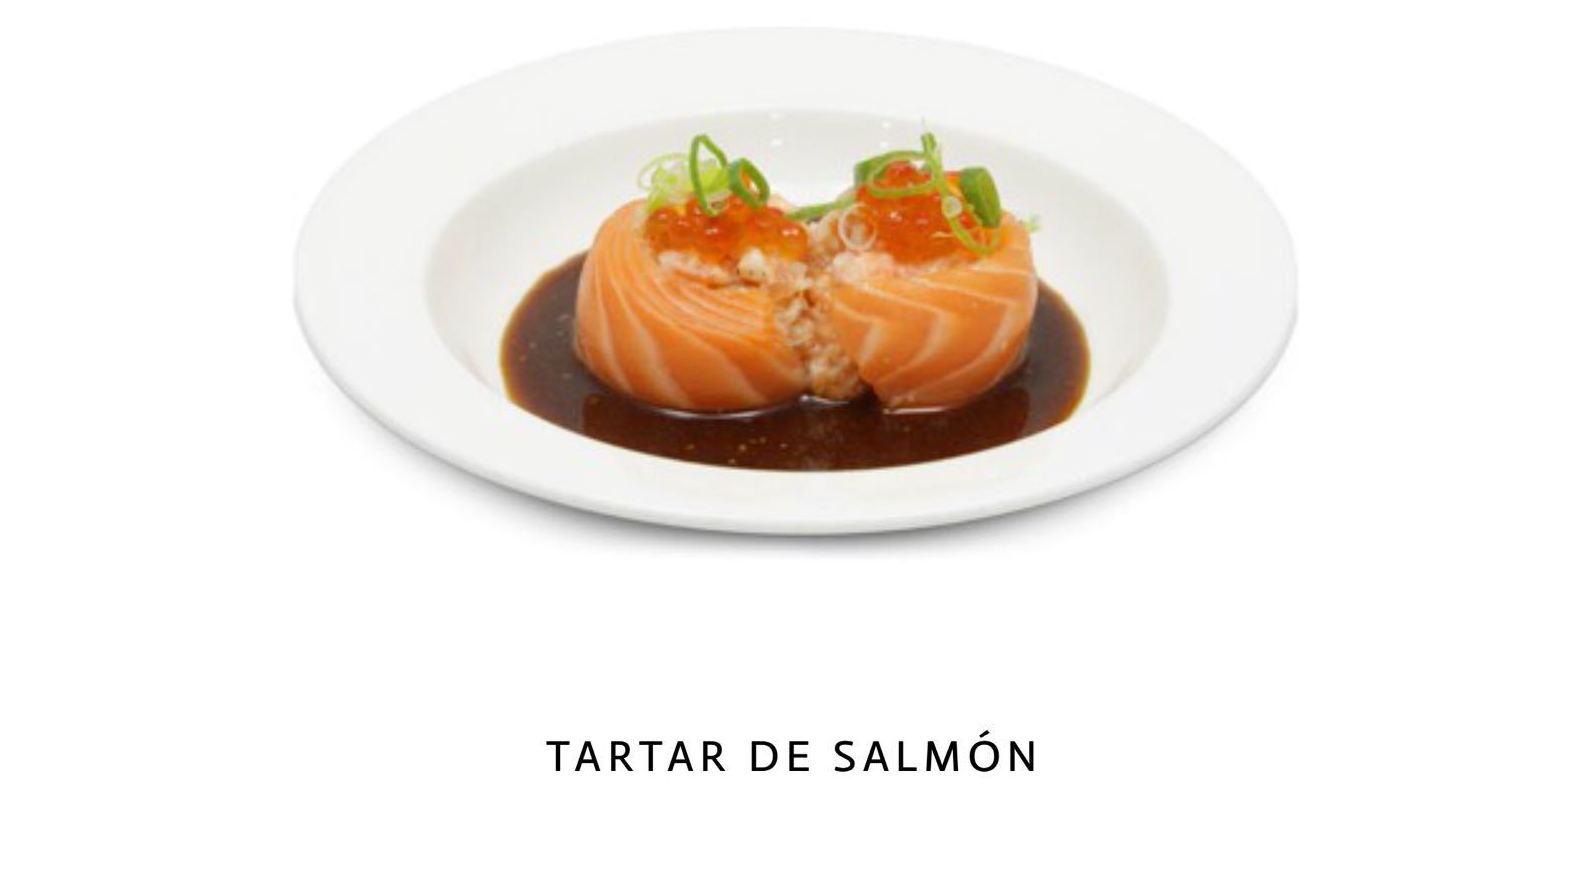 Tartar de salmón en malaga